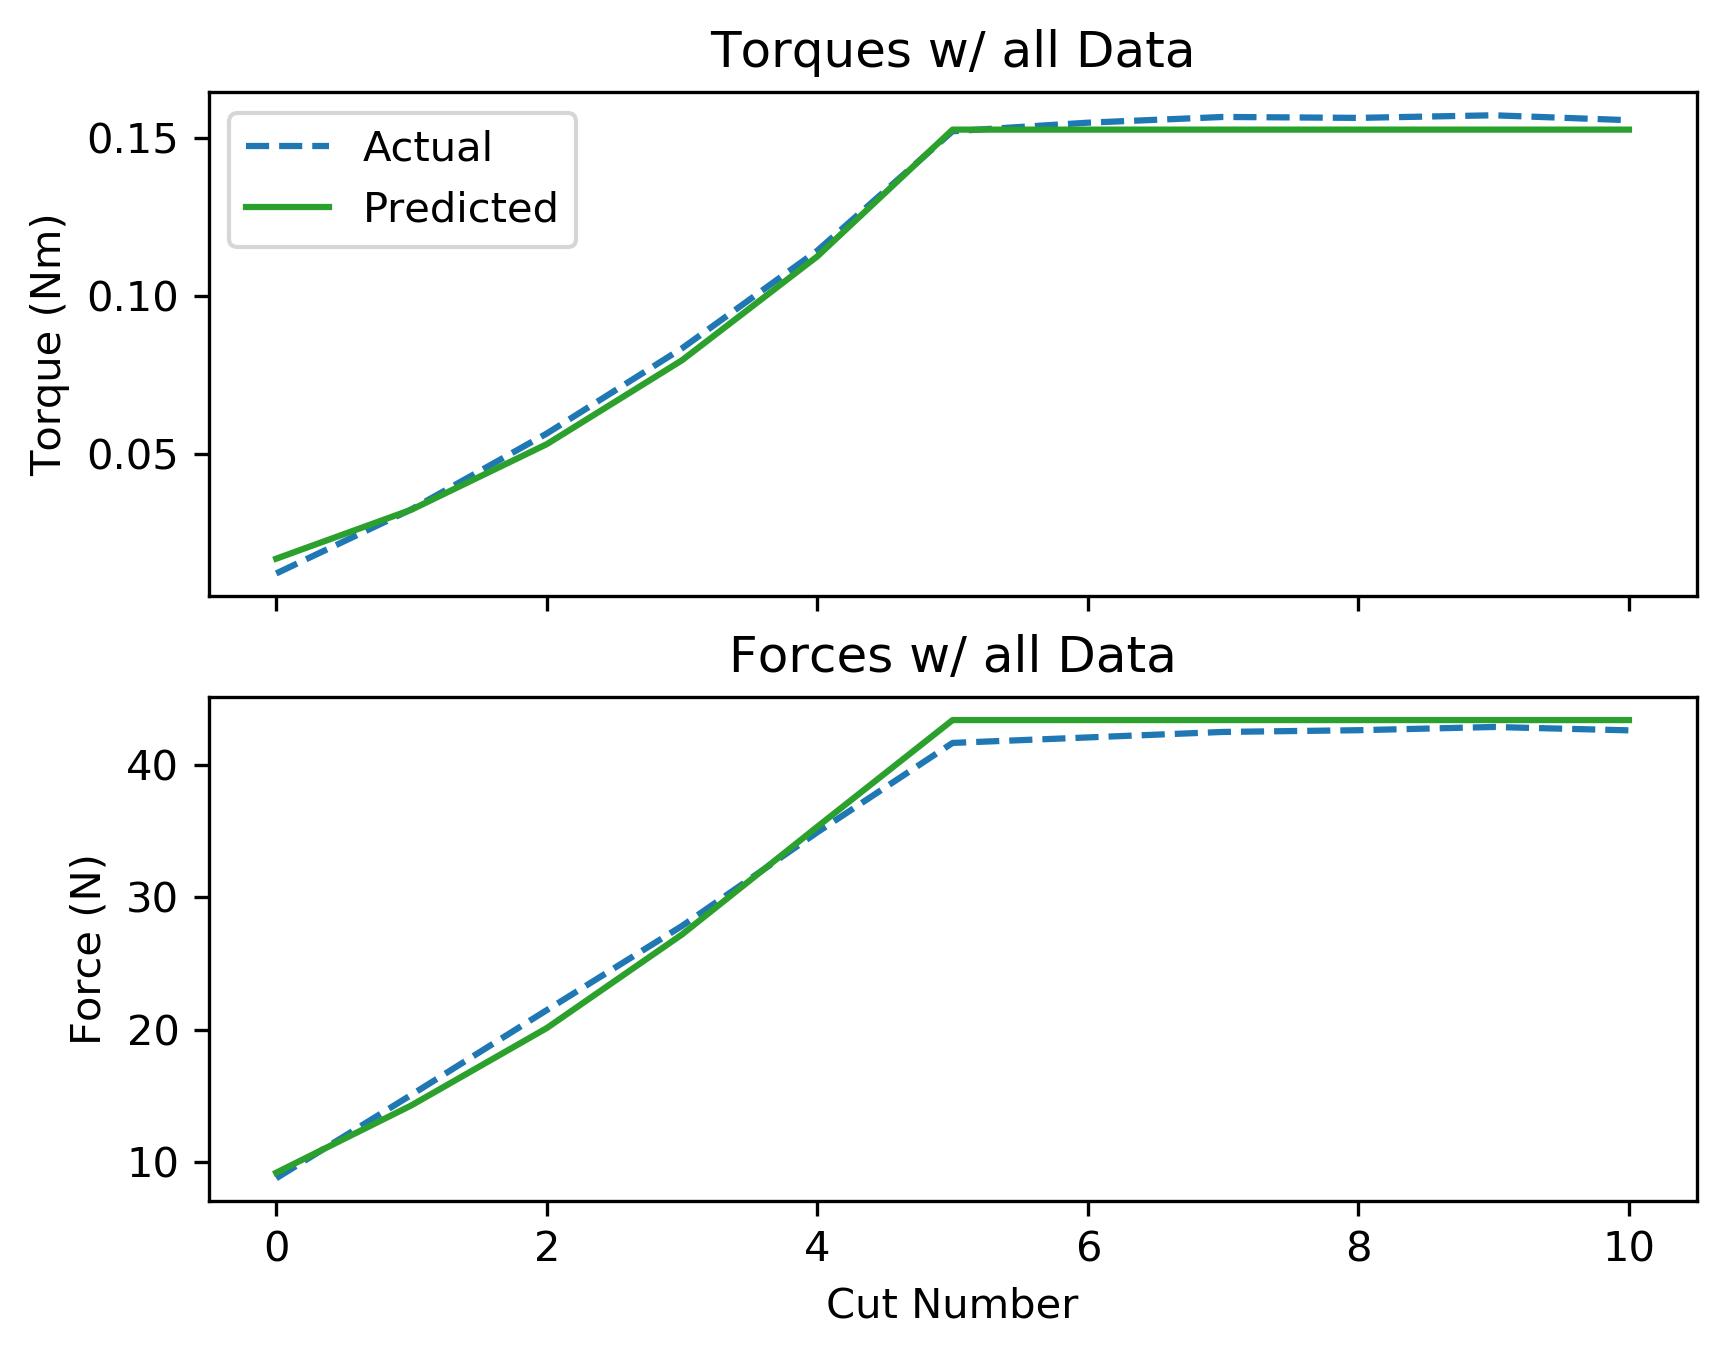 assets/ammp_graphs/ammp-uhmw-1_4_all_data.png